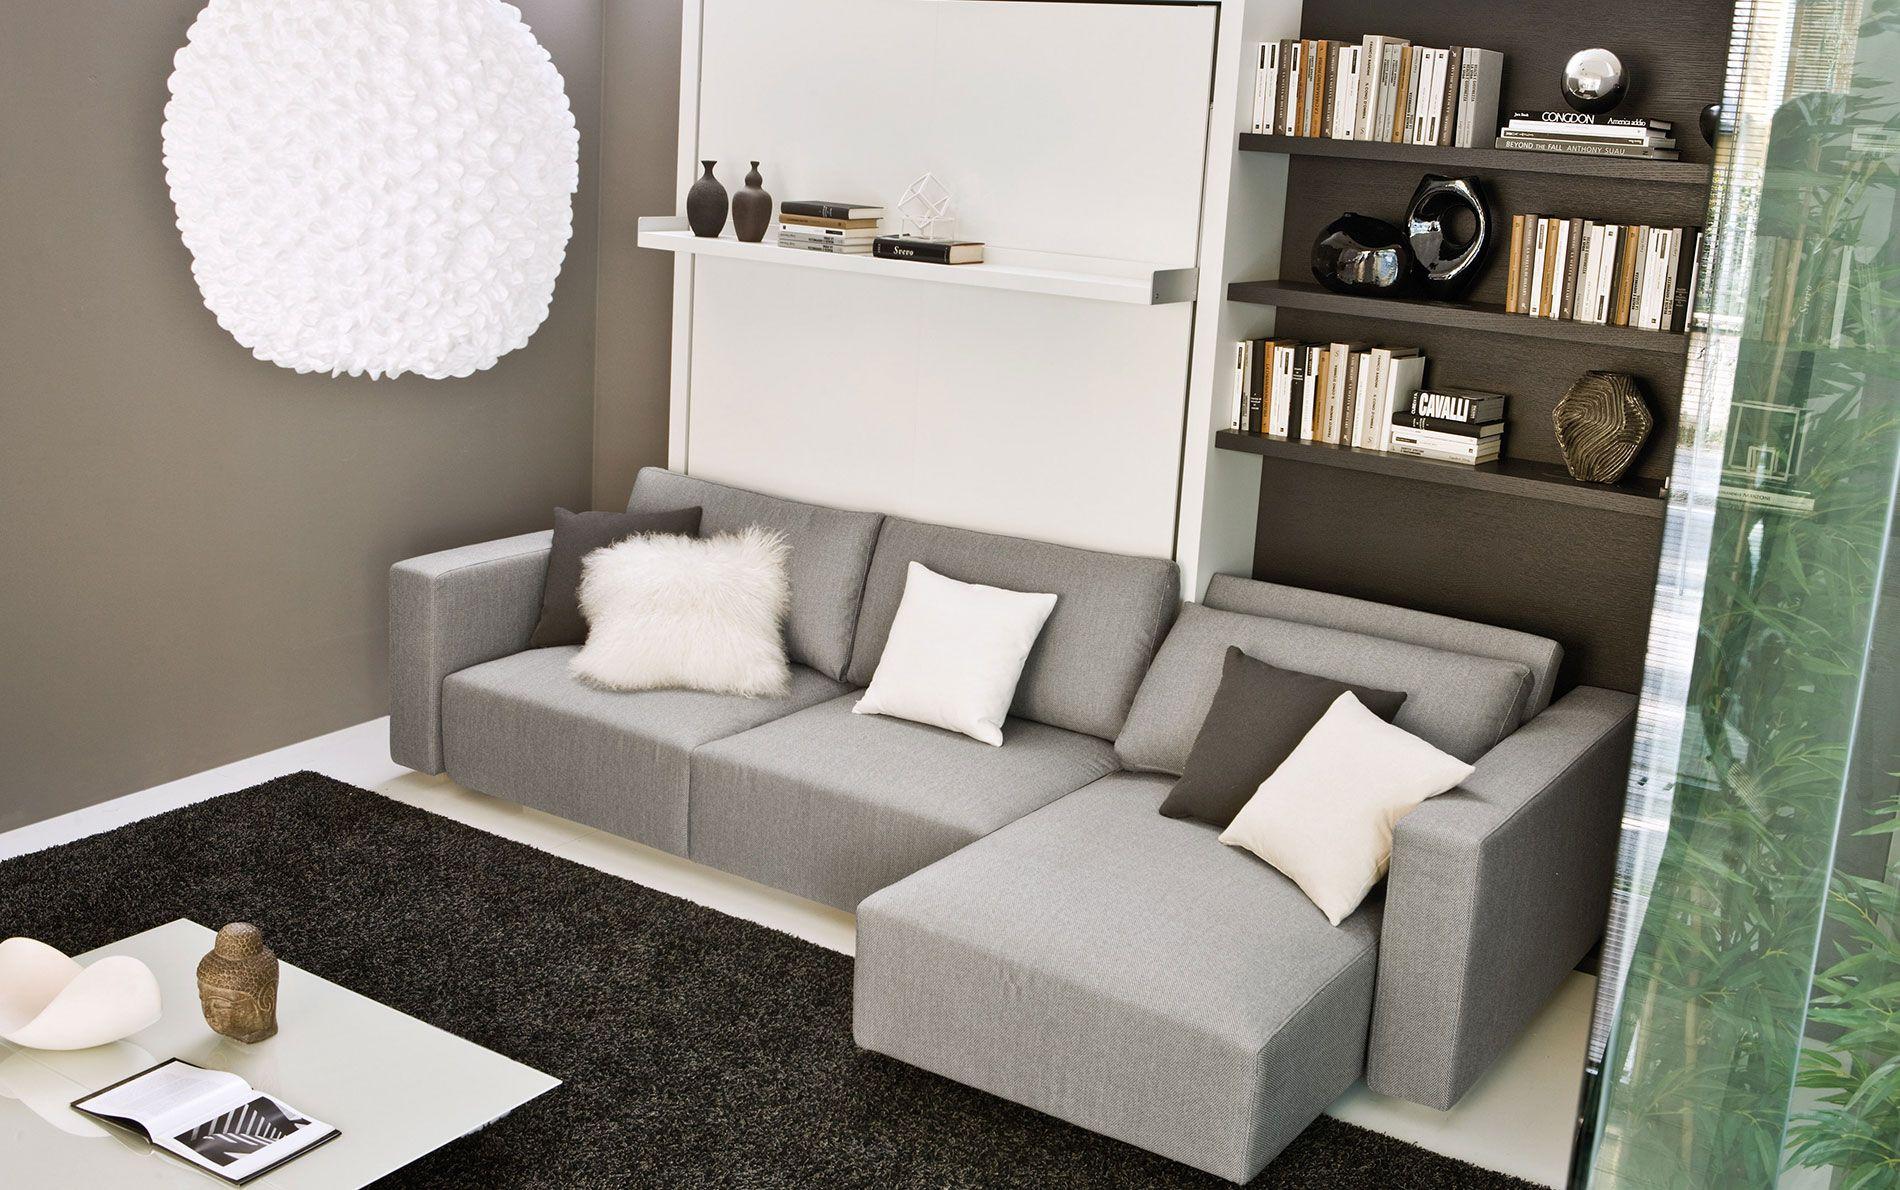 Schrankbett Mit Sofa schrankbett sofa swing system möbel betten zubehör betten